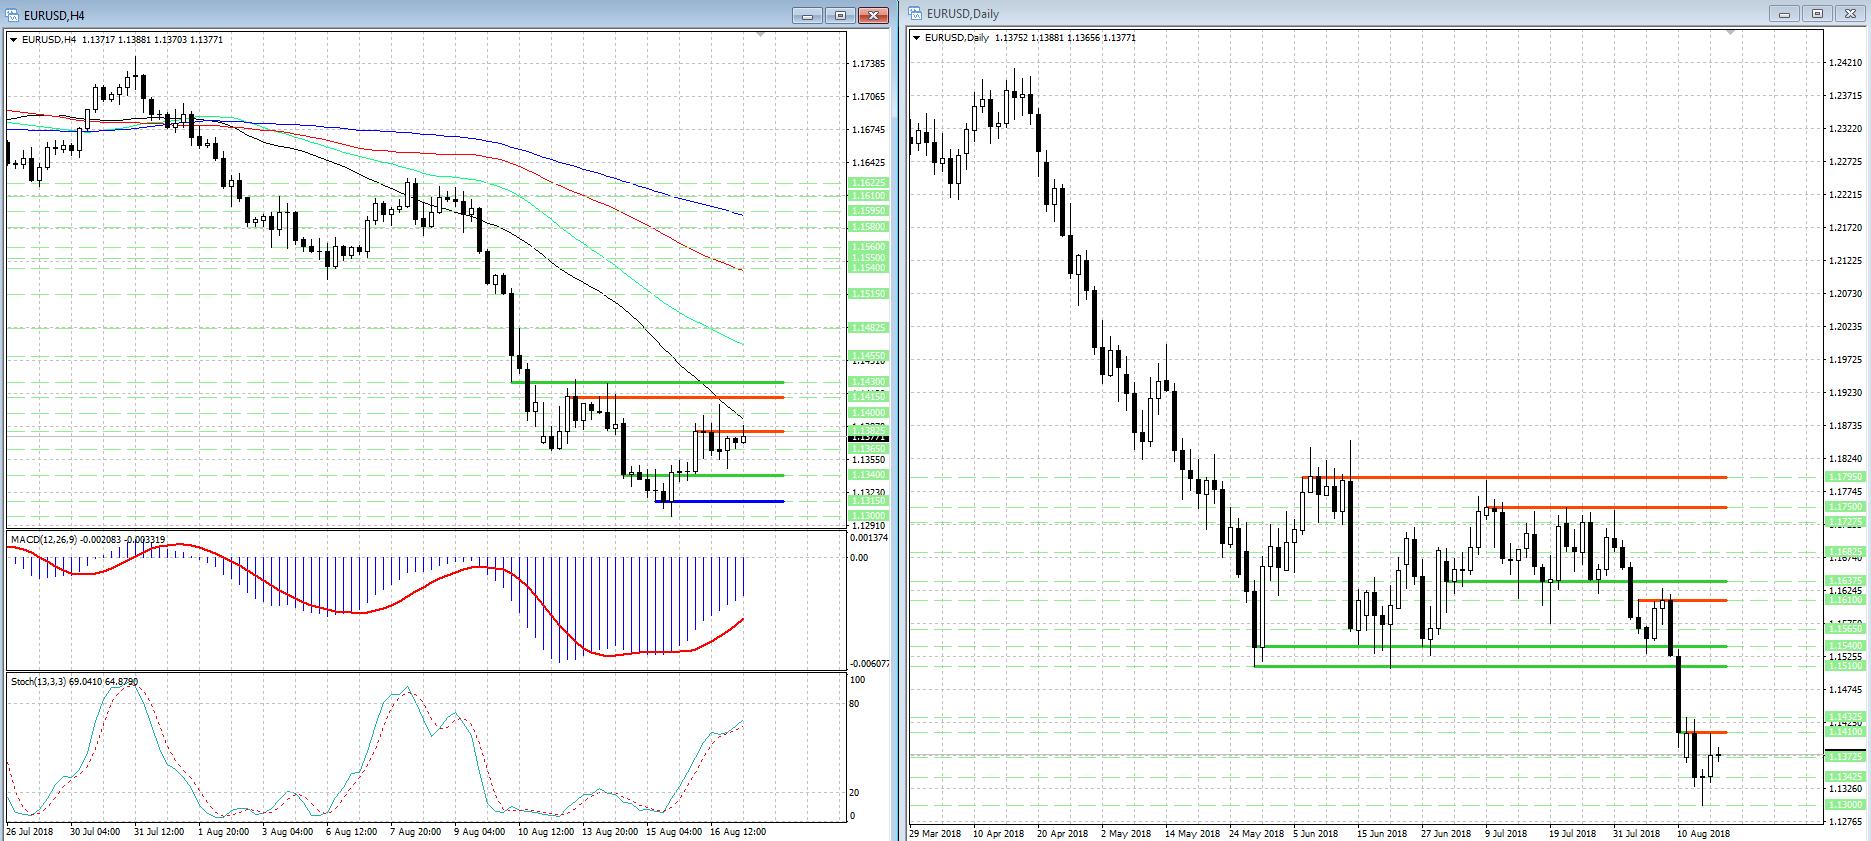 Прогнозы по евро доллару на сегодня методы прогнозирования на форекс